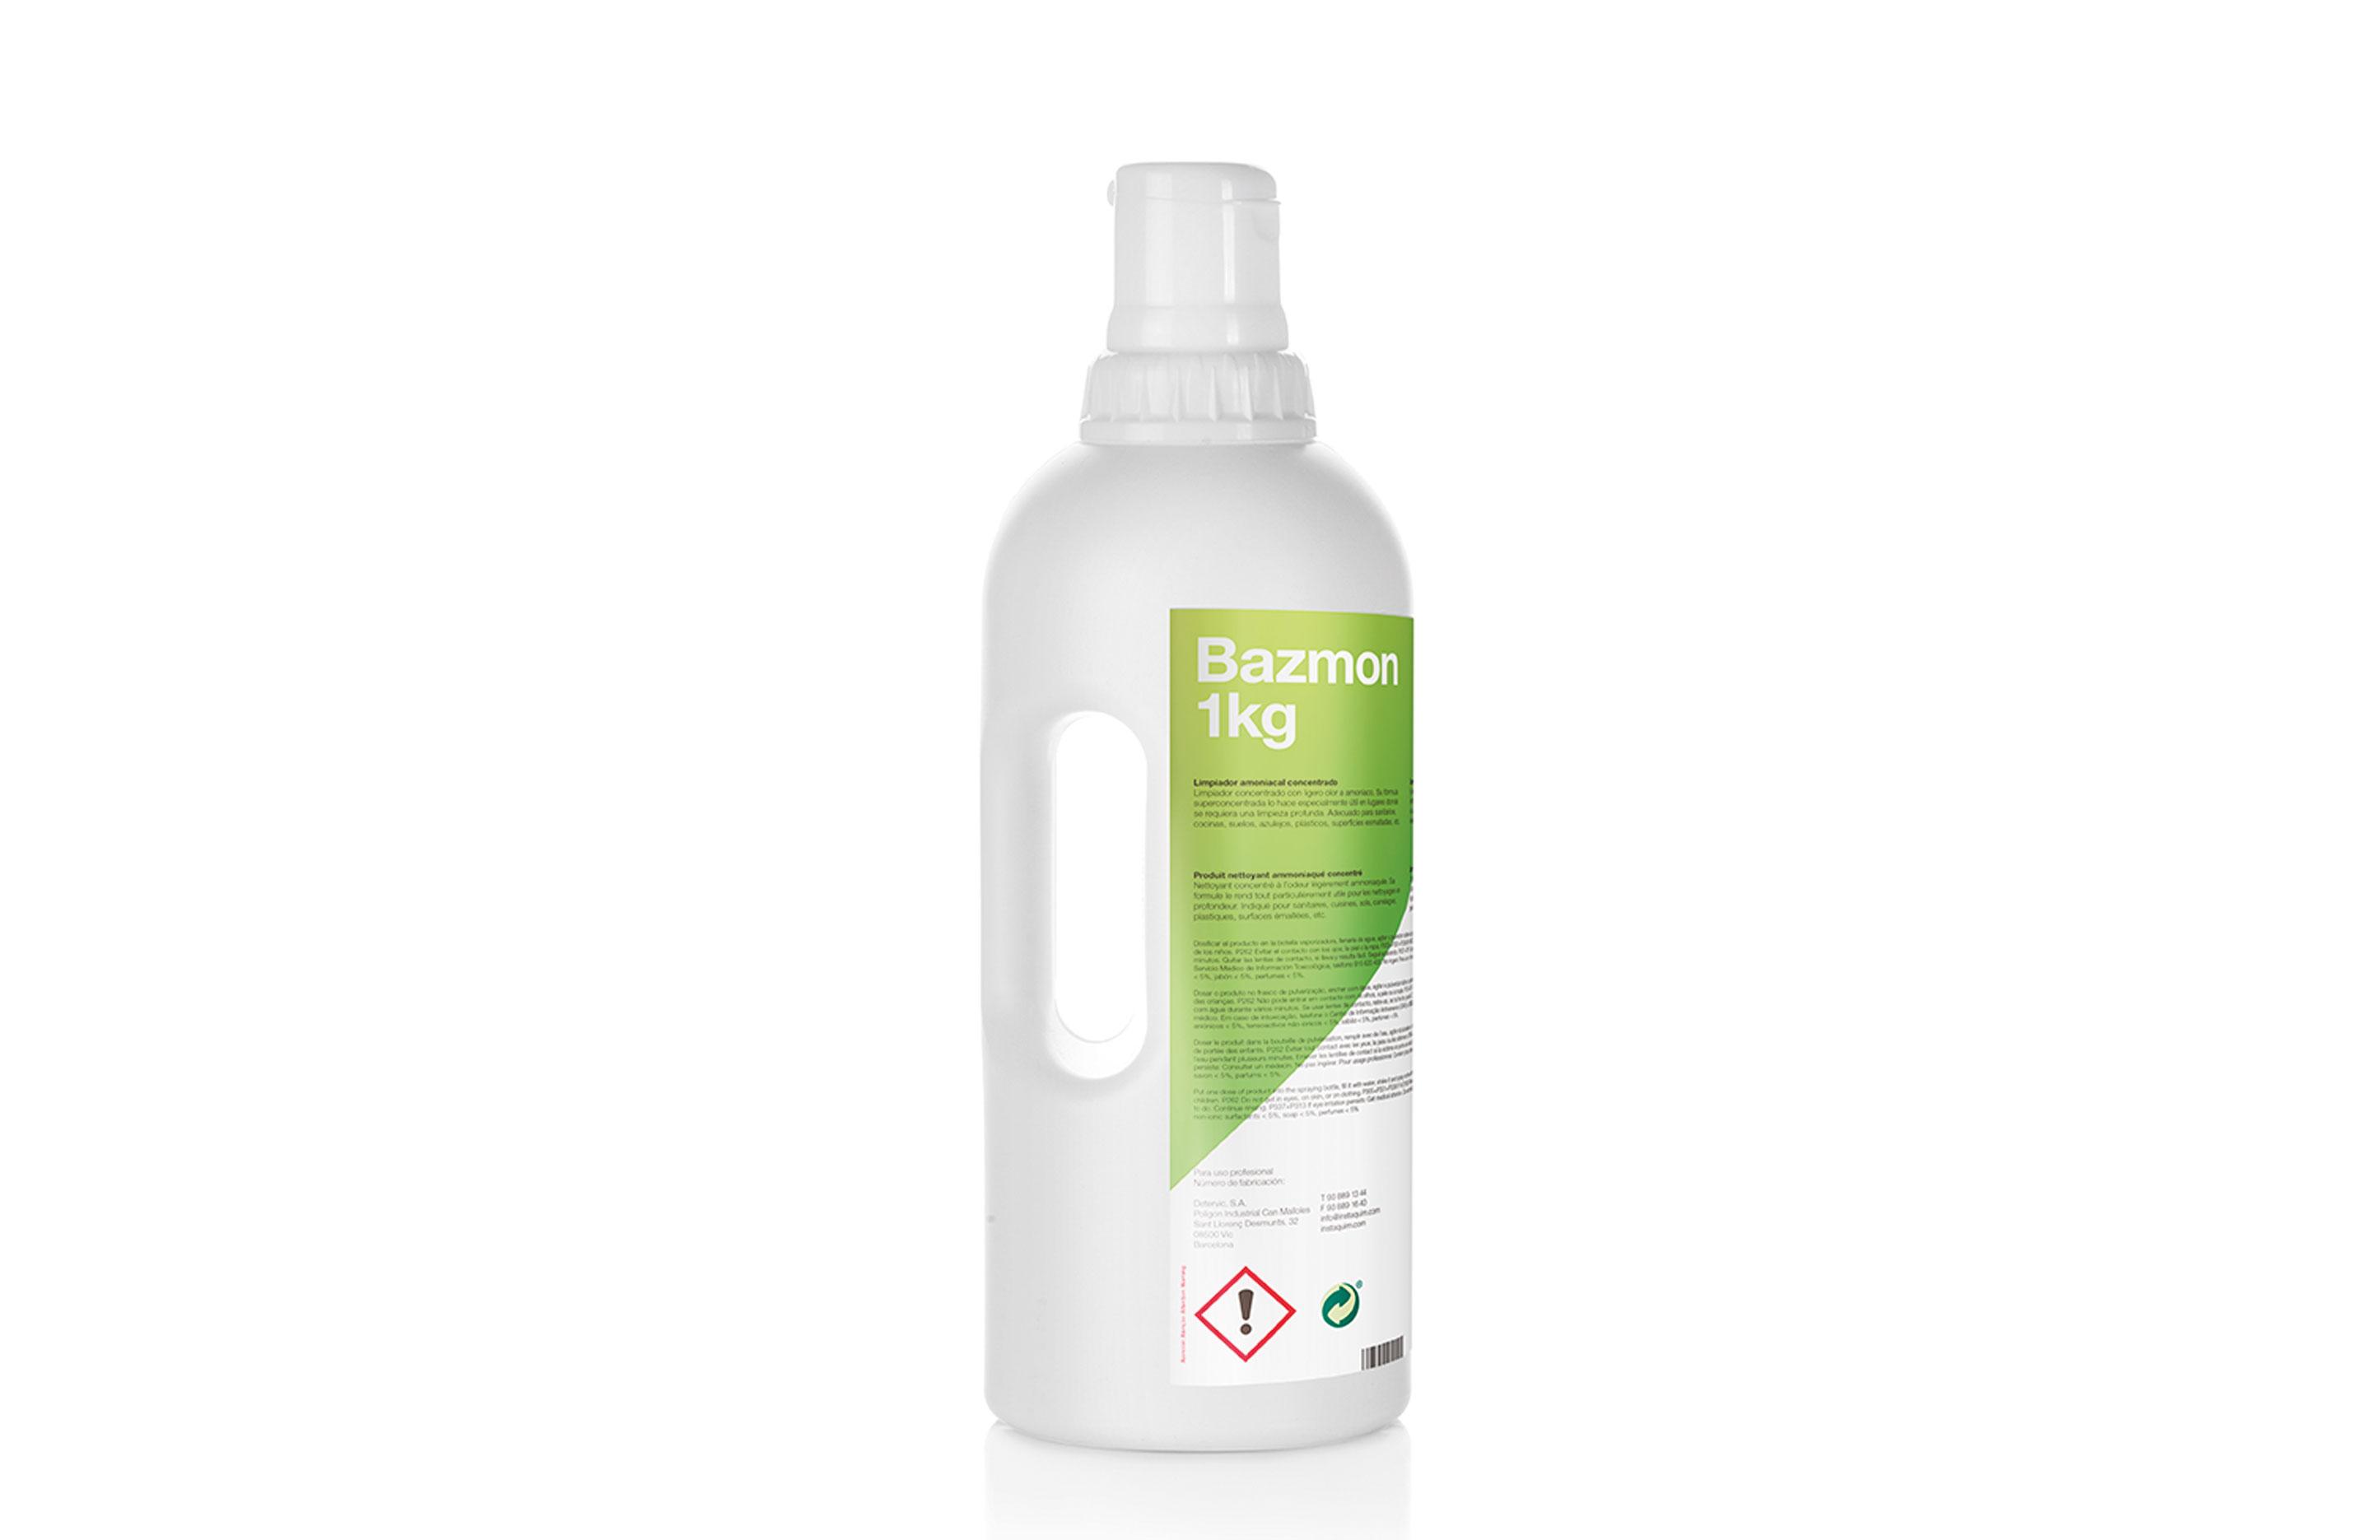 Bazmon, Limpiador amoniacal concentrado - Autodosis